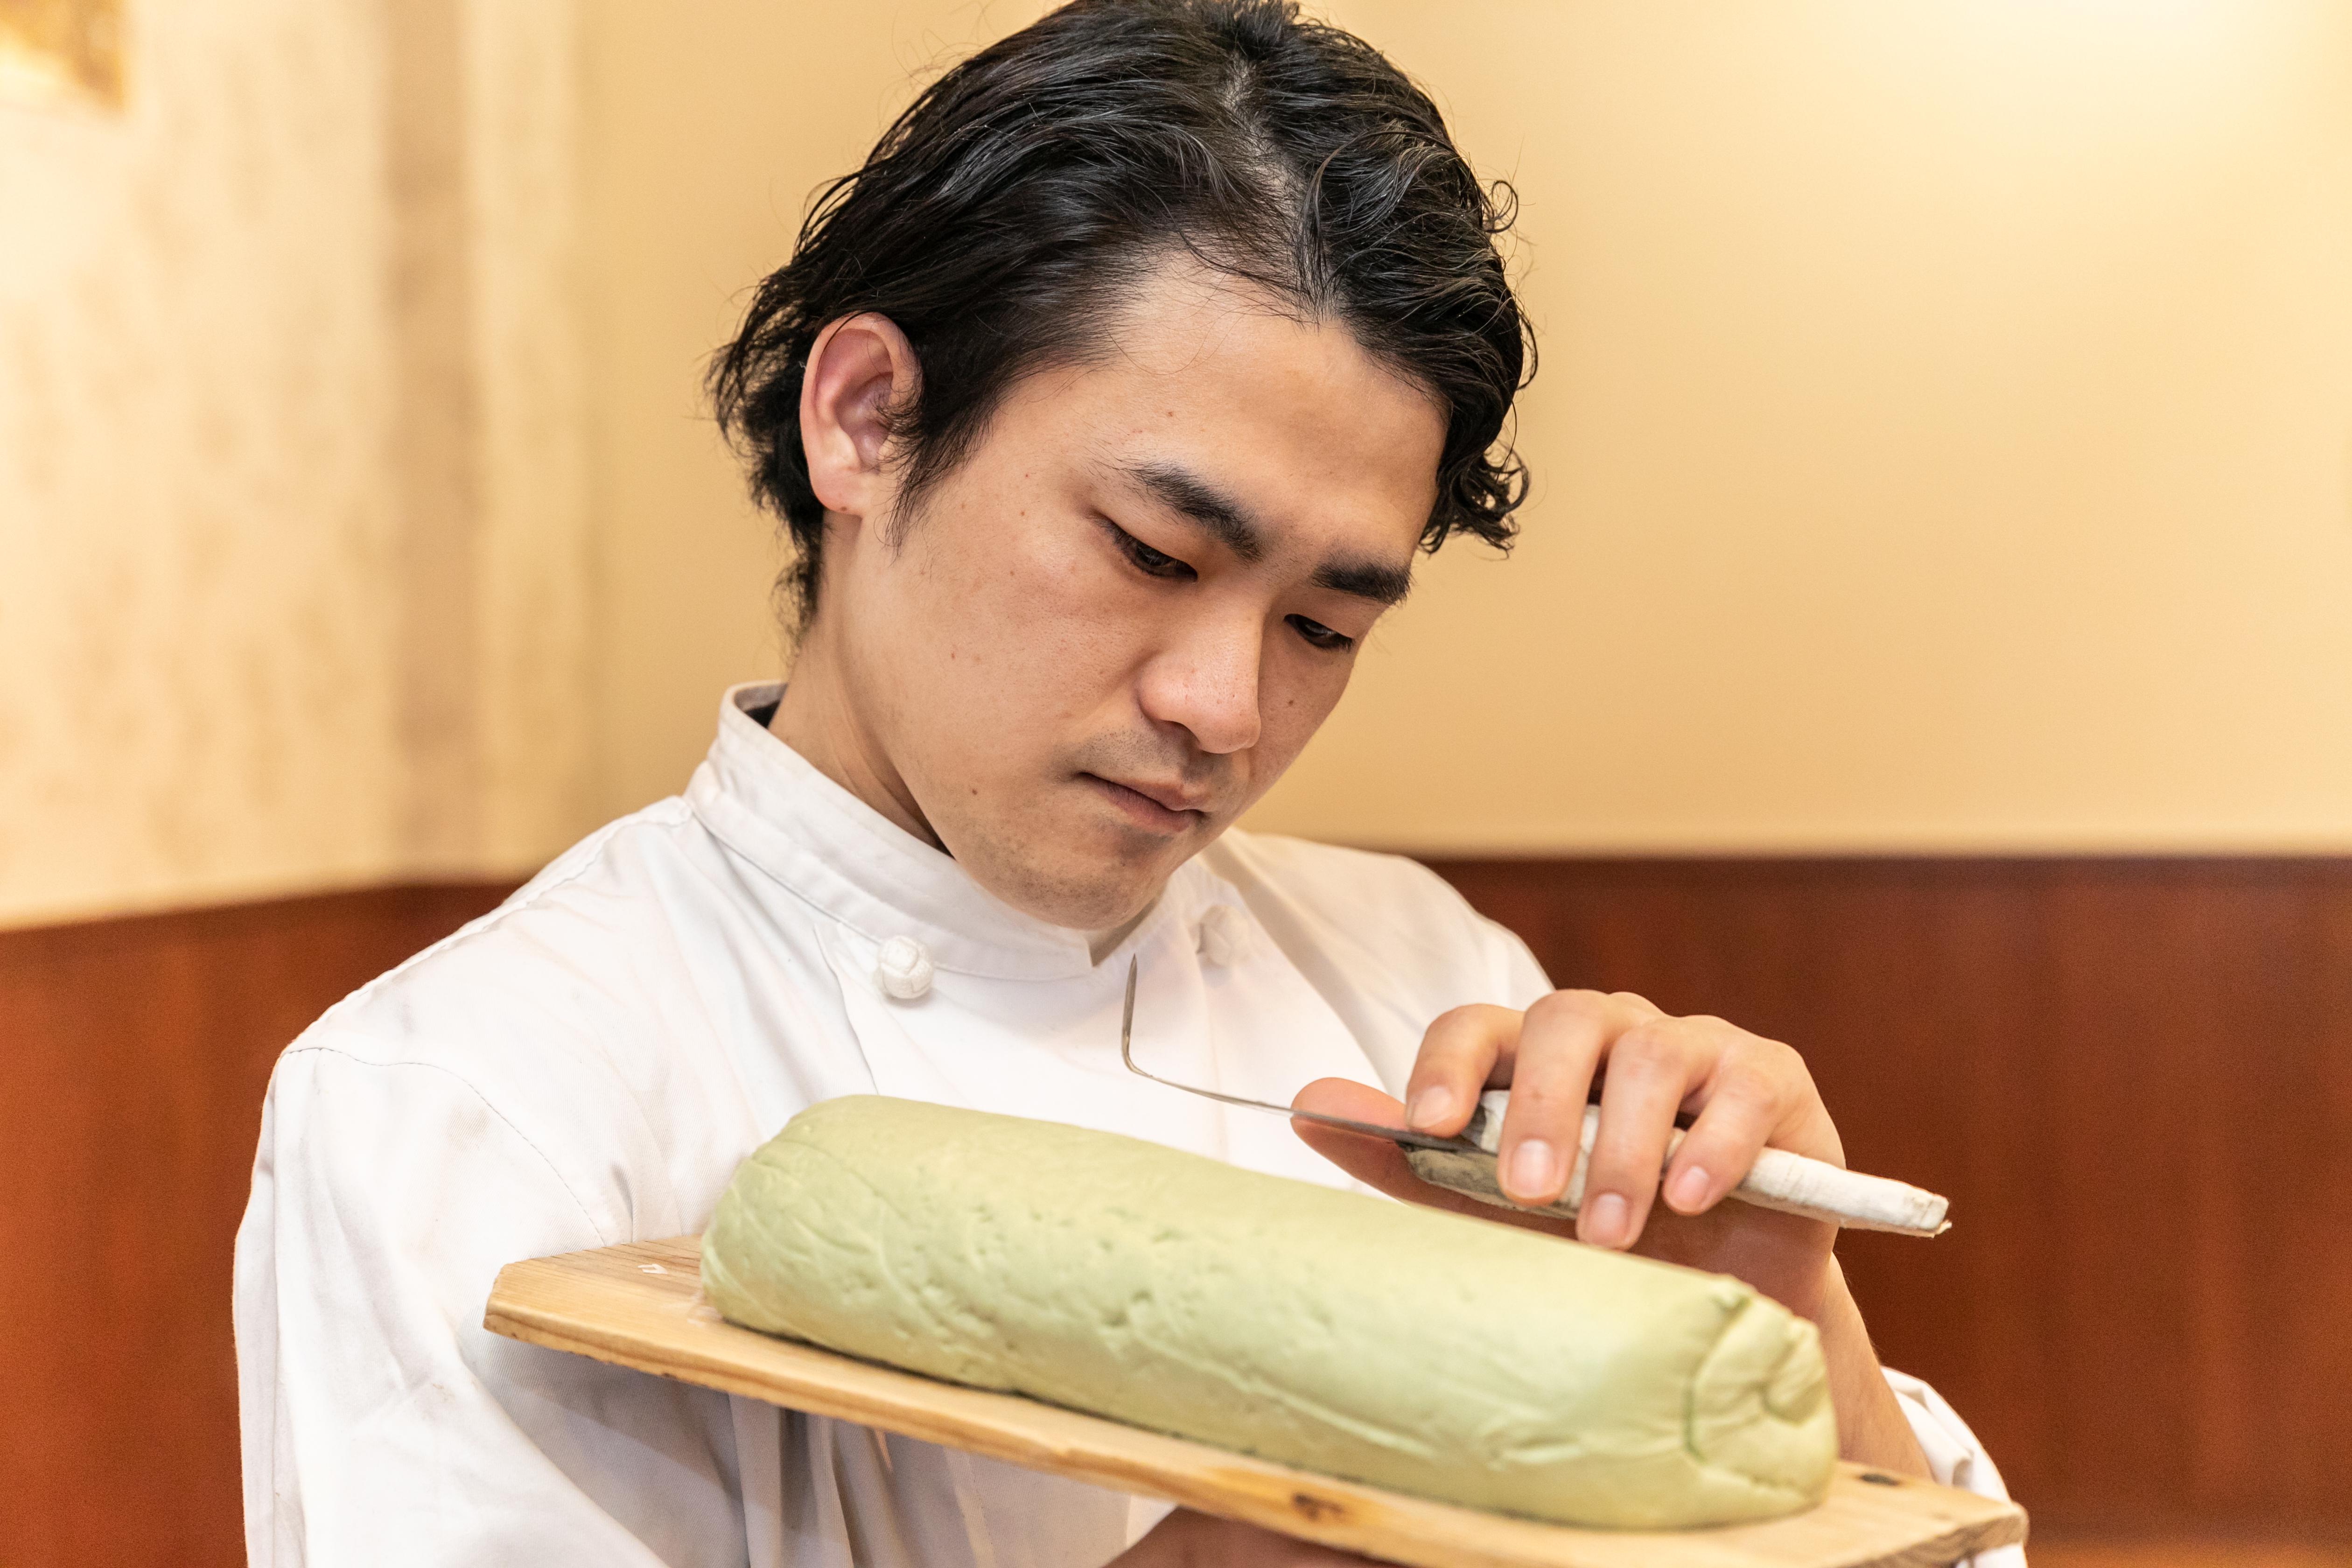 共に刀削麺を広げる麺天使へ